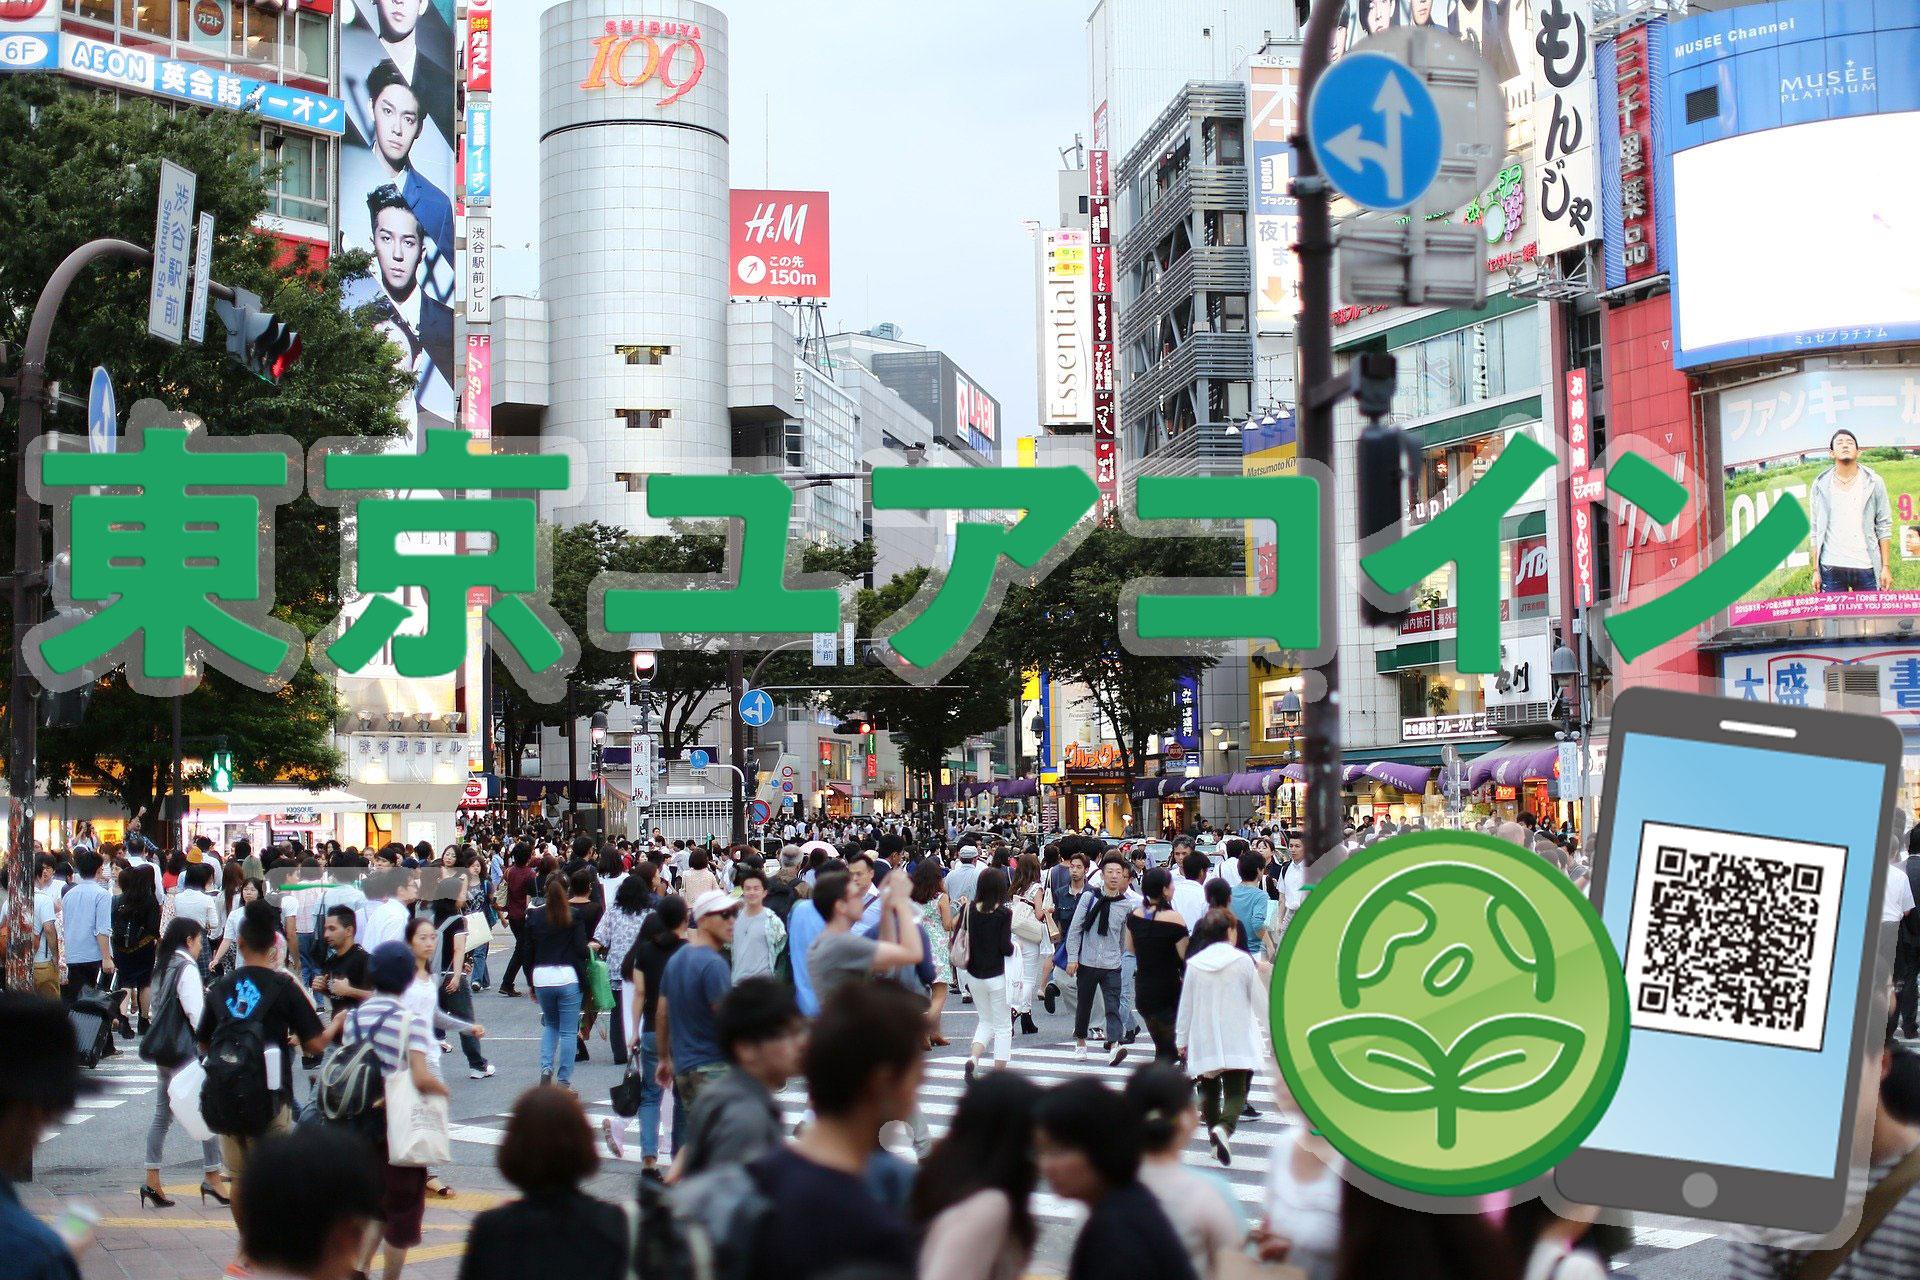 東京ユアコイン実証実験本日スタート!社会貢献で付与されTポイントなどに交換可能に!